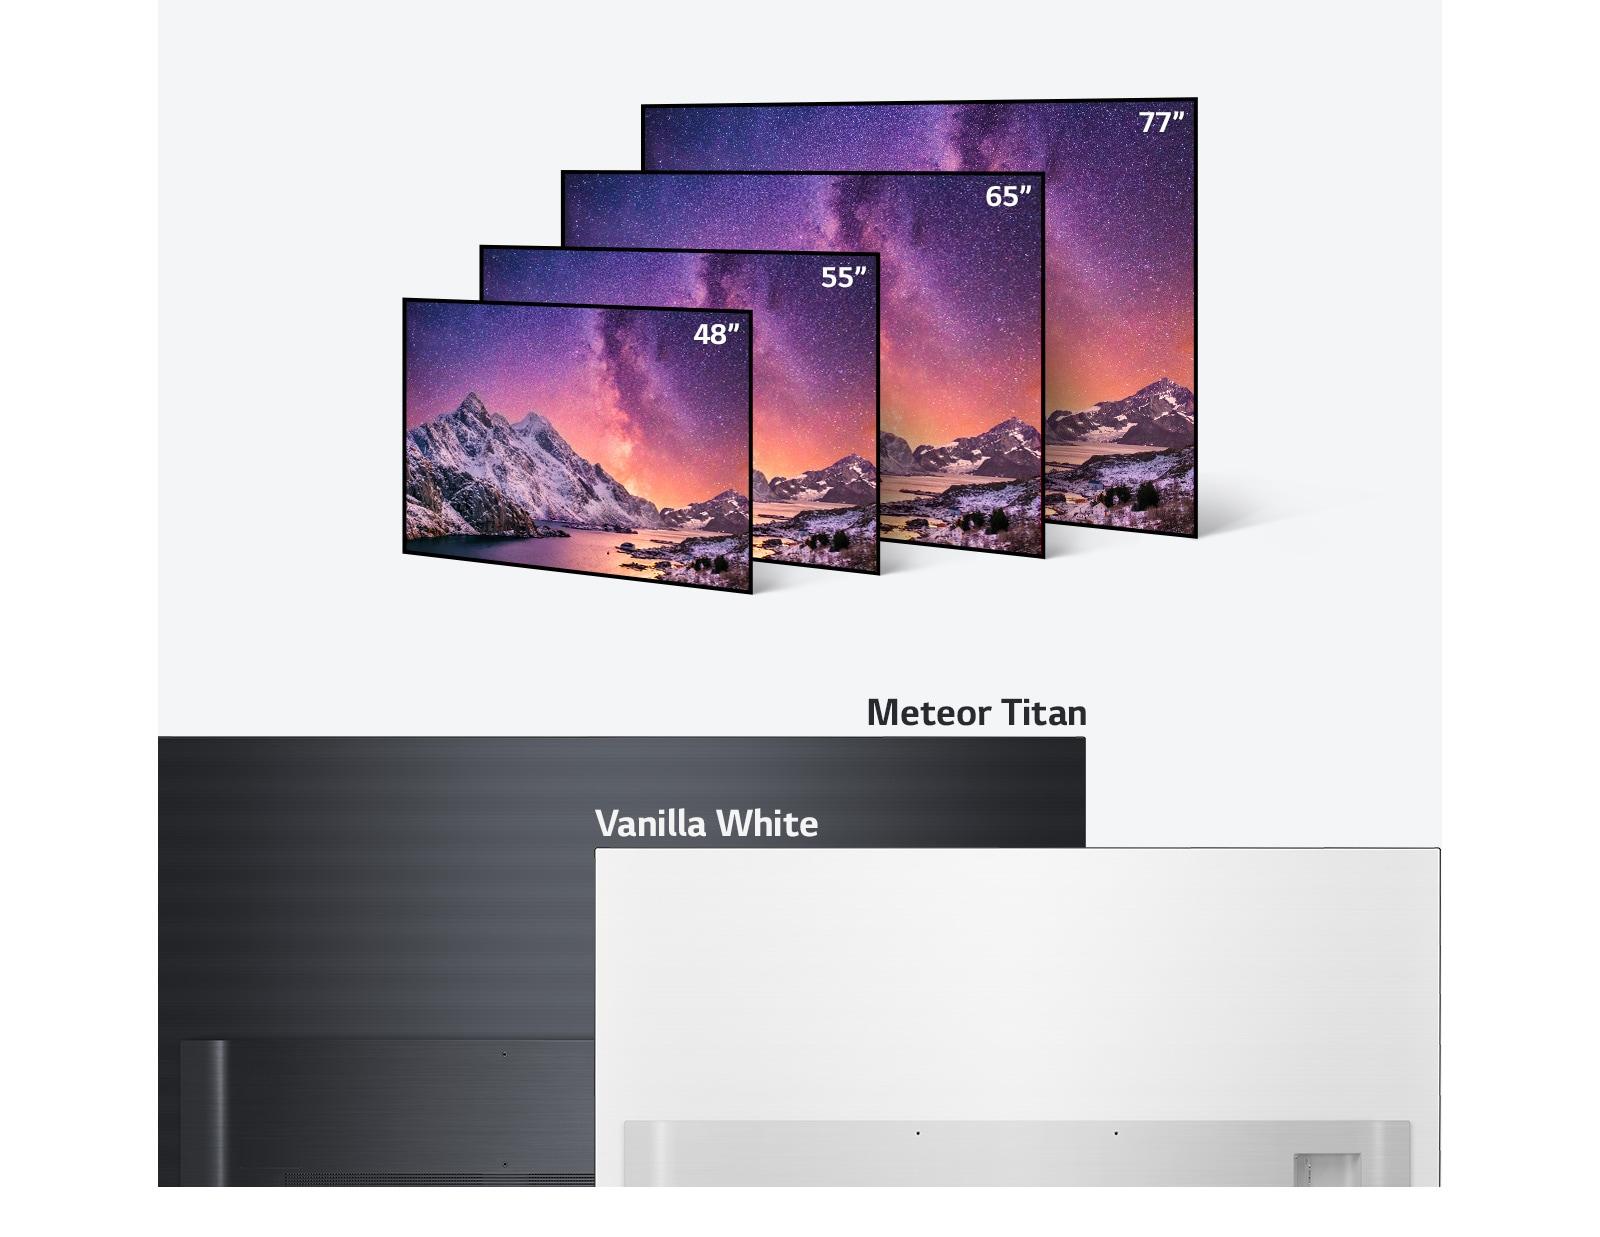 Serie de televisores LG OLED TV en varios tamaños que van de las 48 a las 77pulgadas y colores como el negro claro y el blanco vainilla